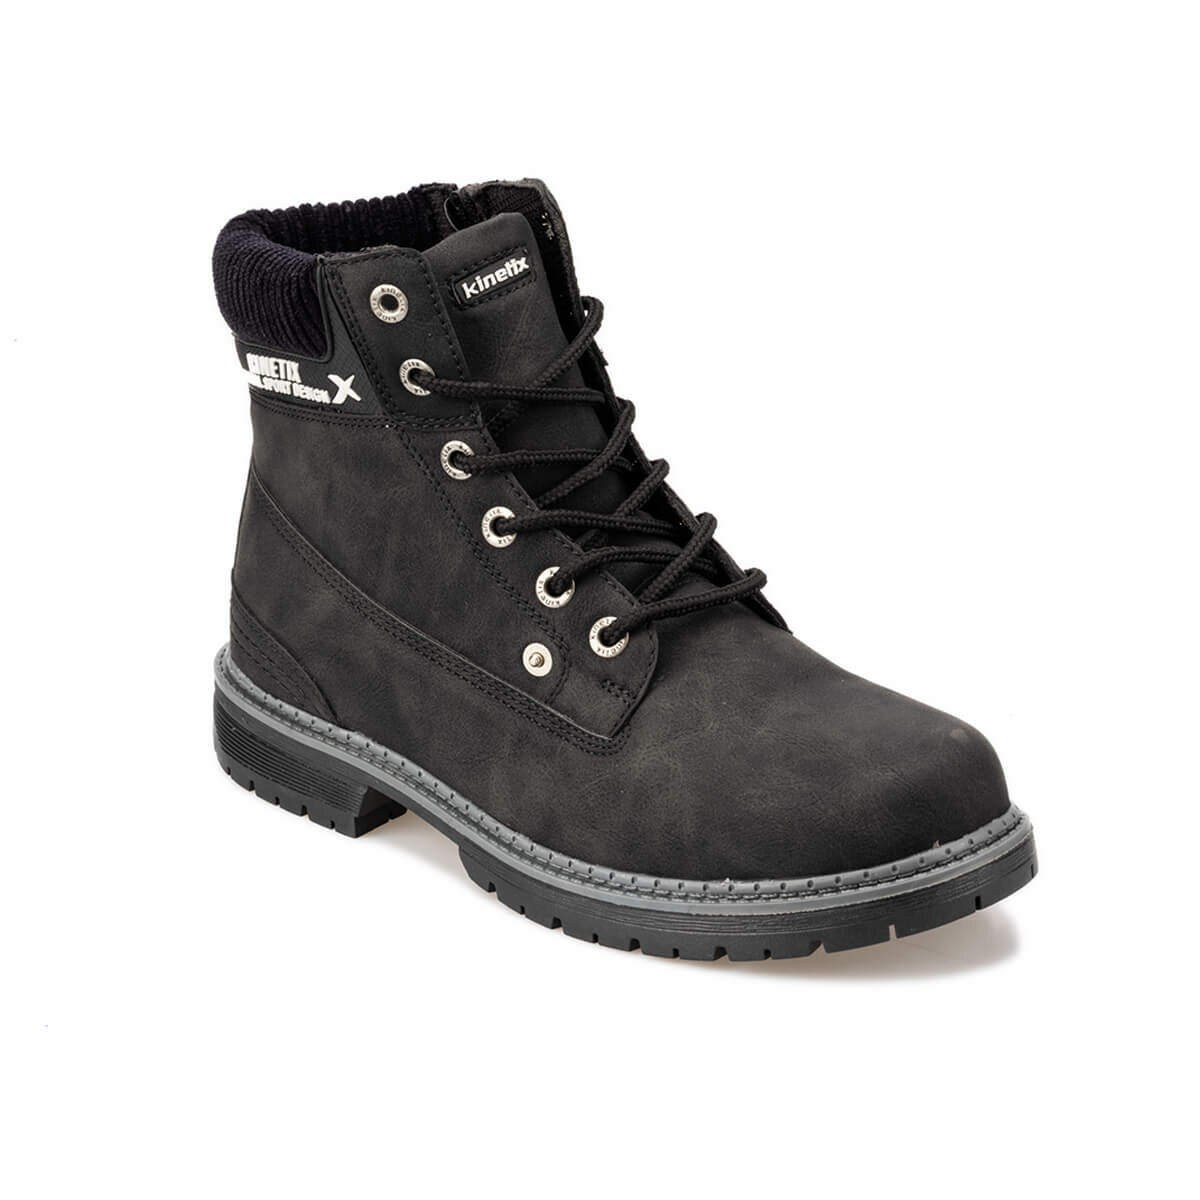 Botas FLO negras para hombre, botas de invierno con cremallera, botas de seguridad para hombre, botas para hombre KINETIX IRON 9PR Marca DEKABR, mocasines suaves de estilo veraniego a la moda para hombres, zapatos de piel auténtica de alta calidad, zapatos planos para hombres, zapatos de conducción Gommino